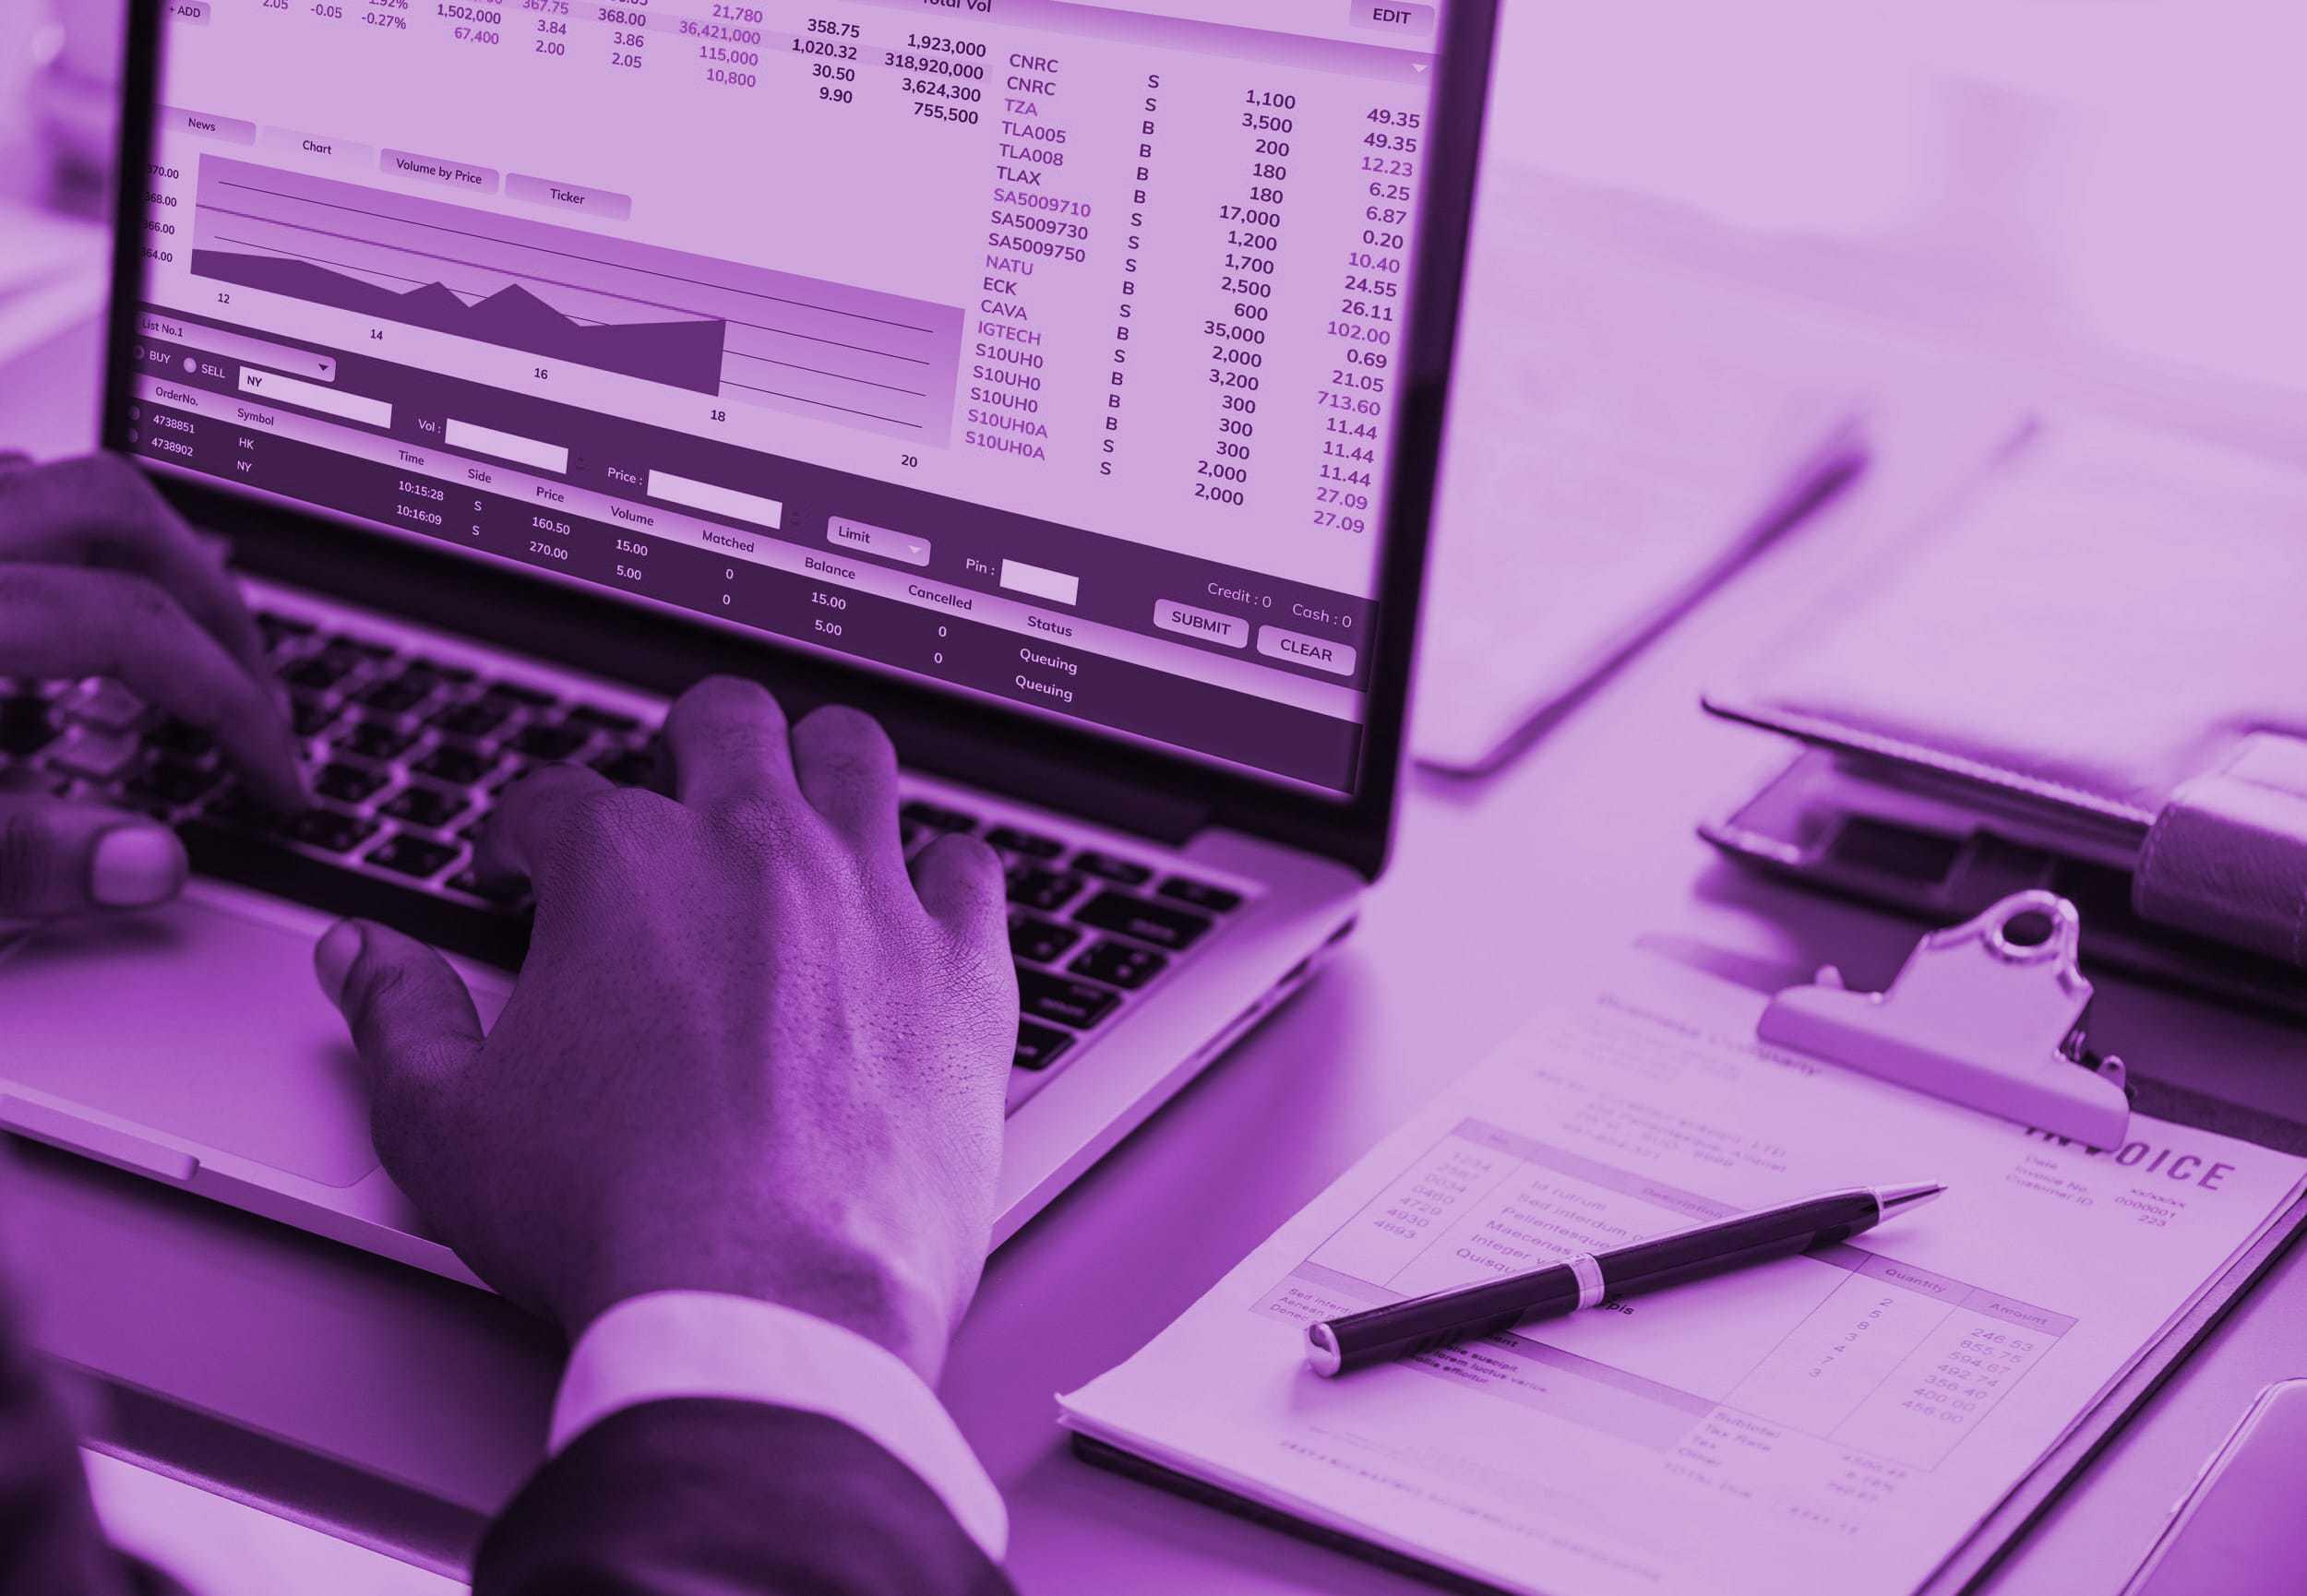 Aktier för nybörjare – Börja Investera och Köpa de Bästa Aktierna